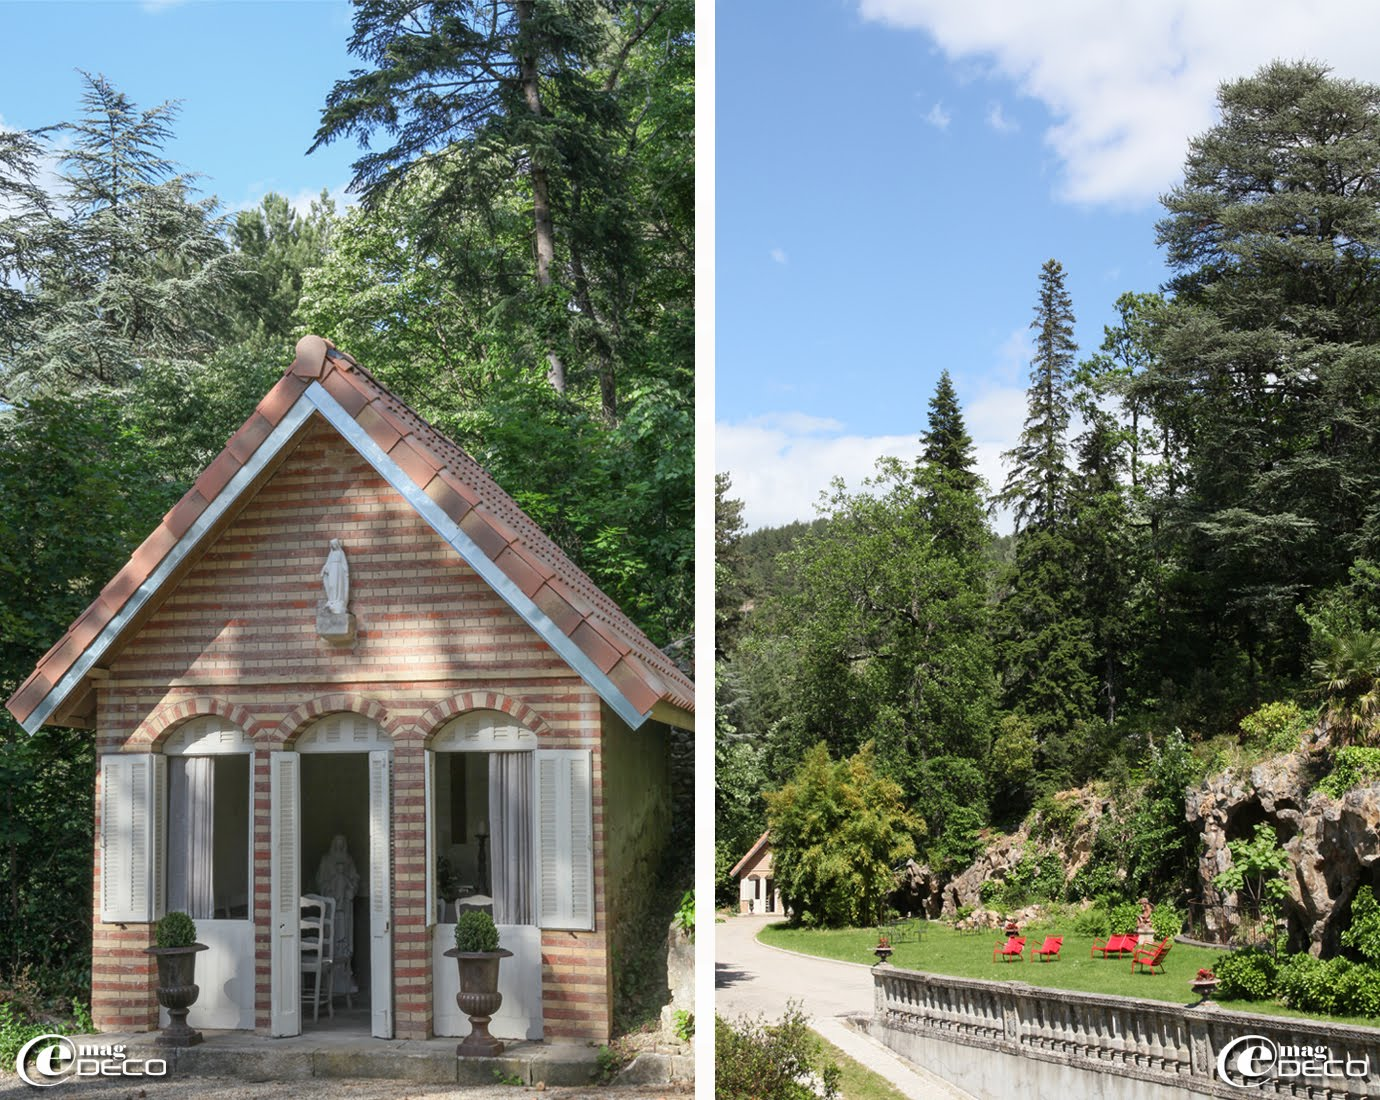 Petite chapelle en briques avec ses ouvertures en triptyque dans le parc du Château Clément à Vals-les-Bains